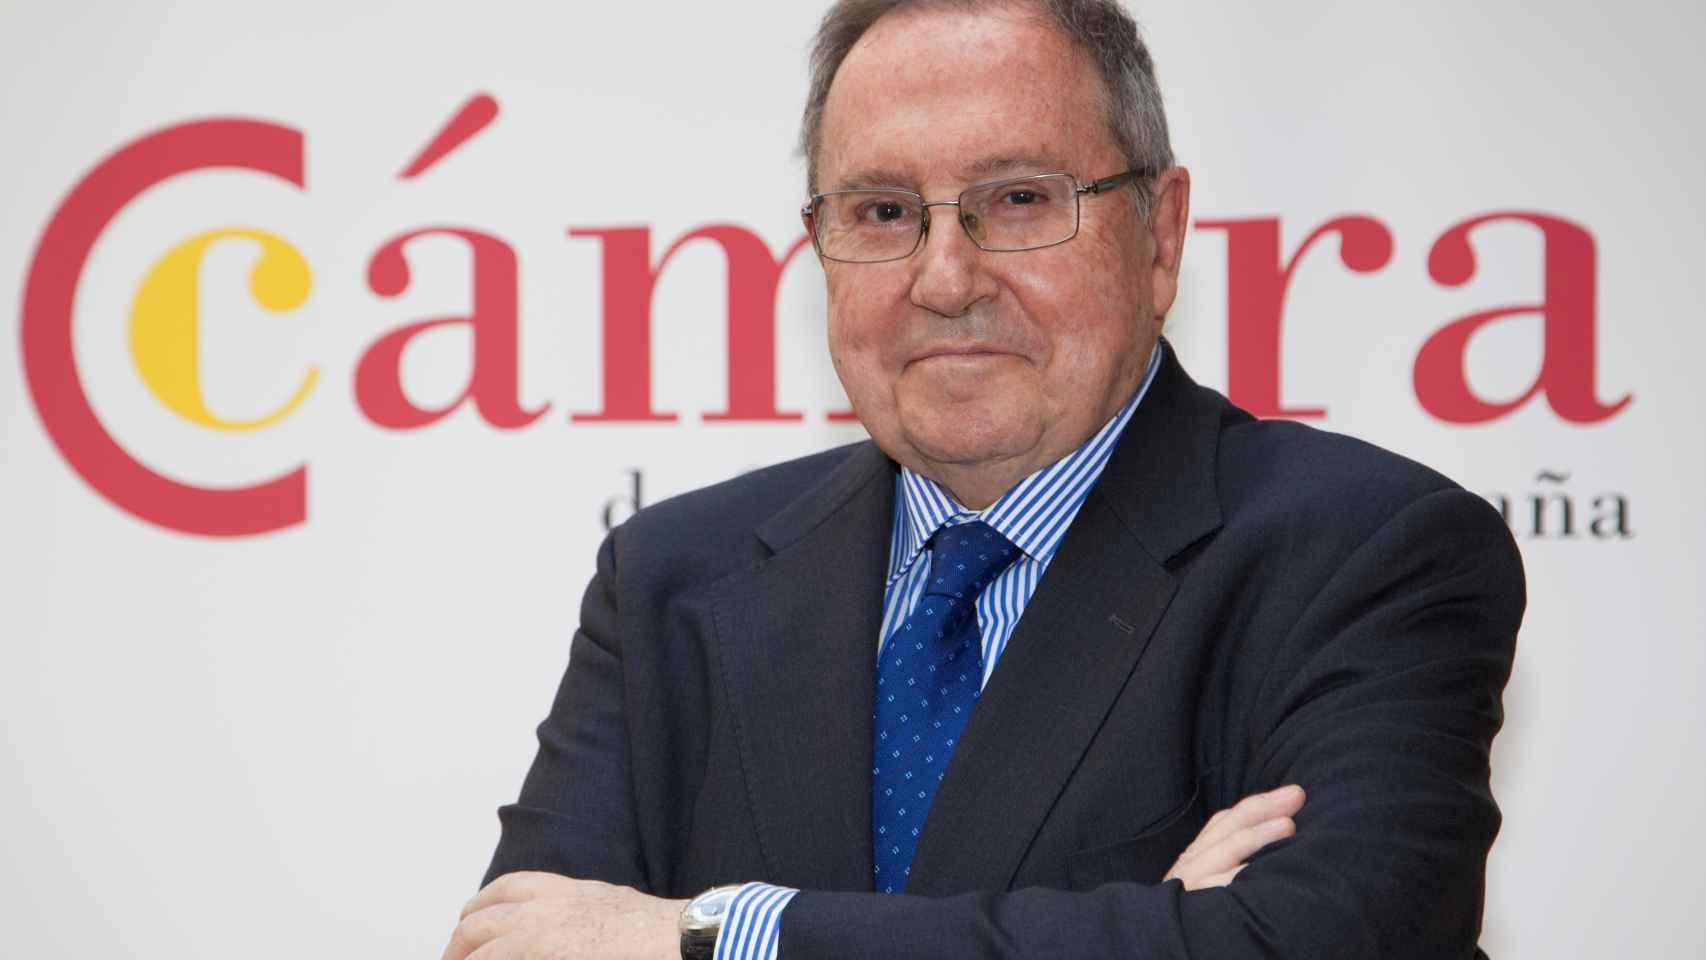 El presidente de la Cámara de Comercio de España, José Luis Bonet.